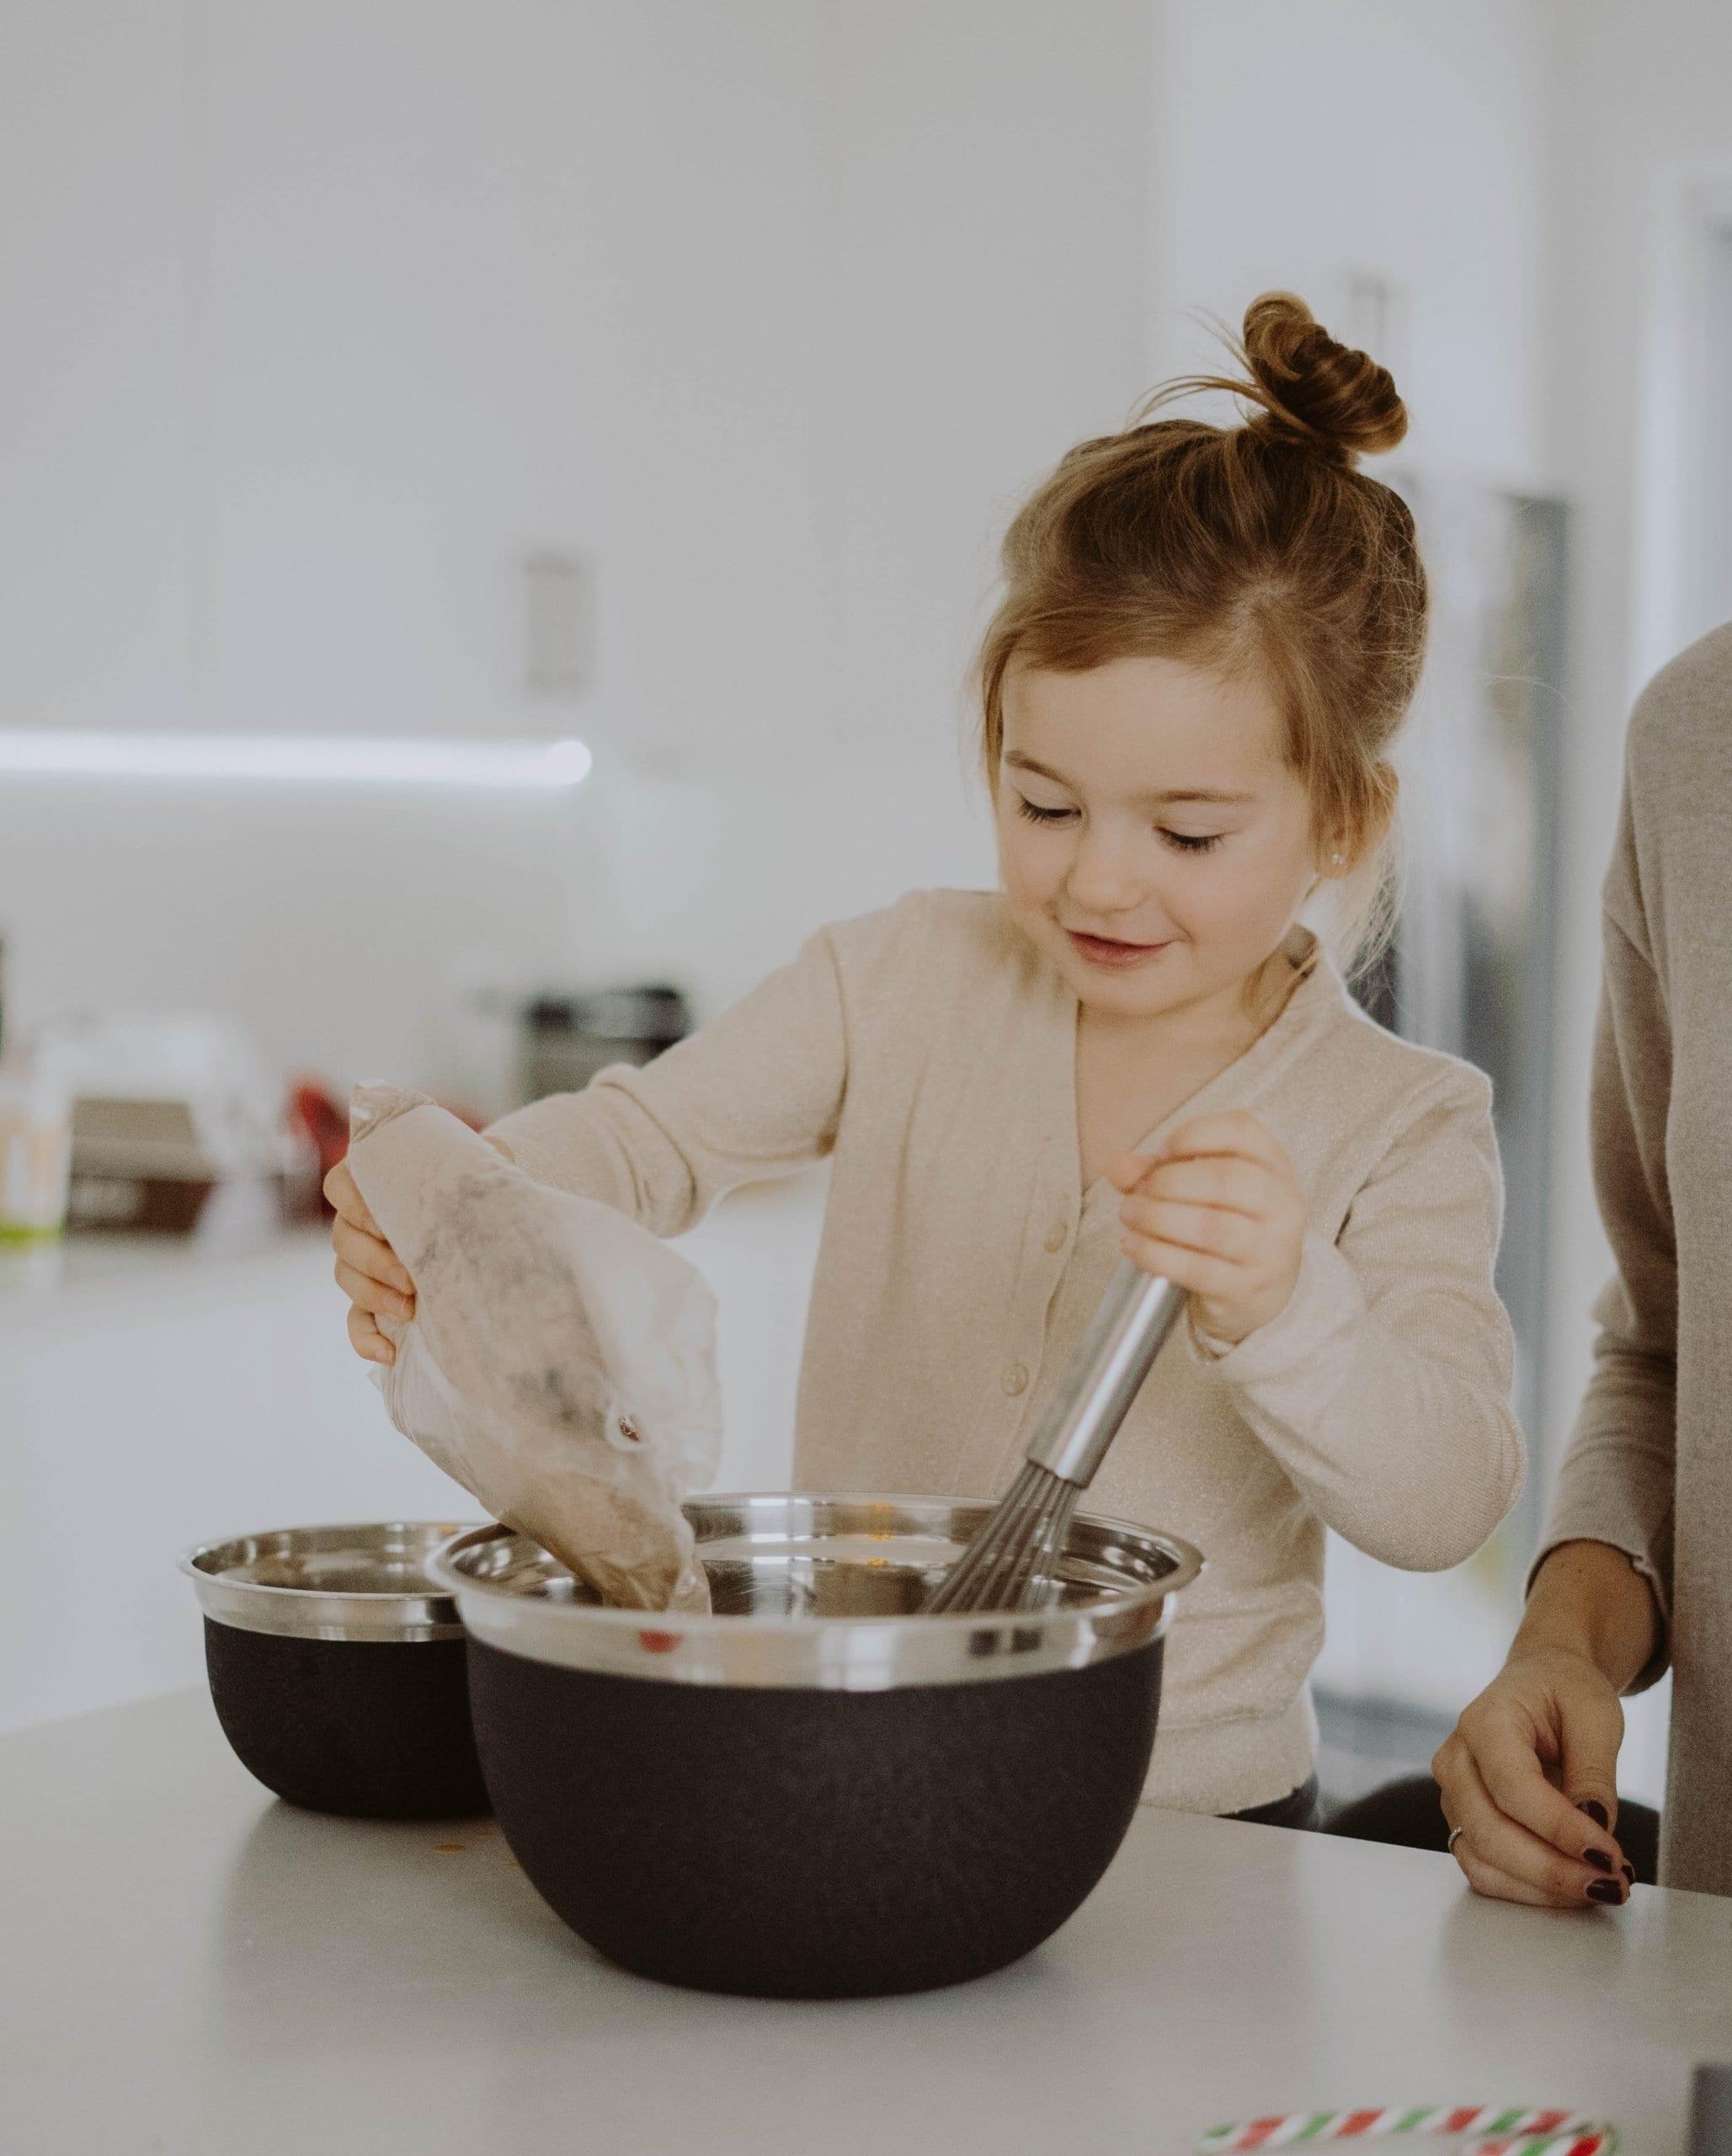 Bewust eten en koken: dit zijn 5 goede voornemens voor 2021 3